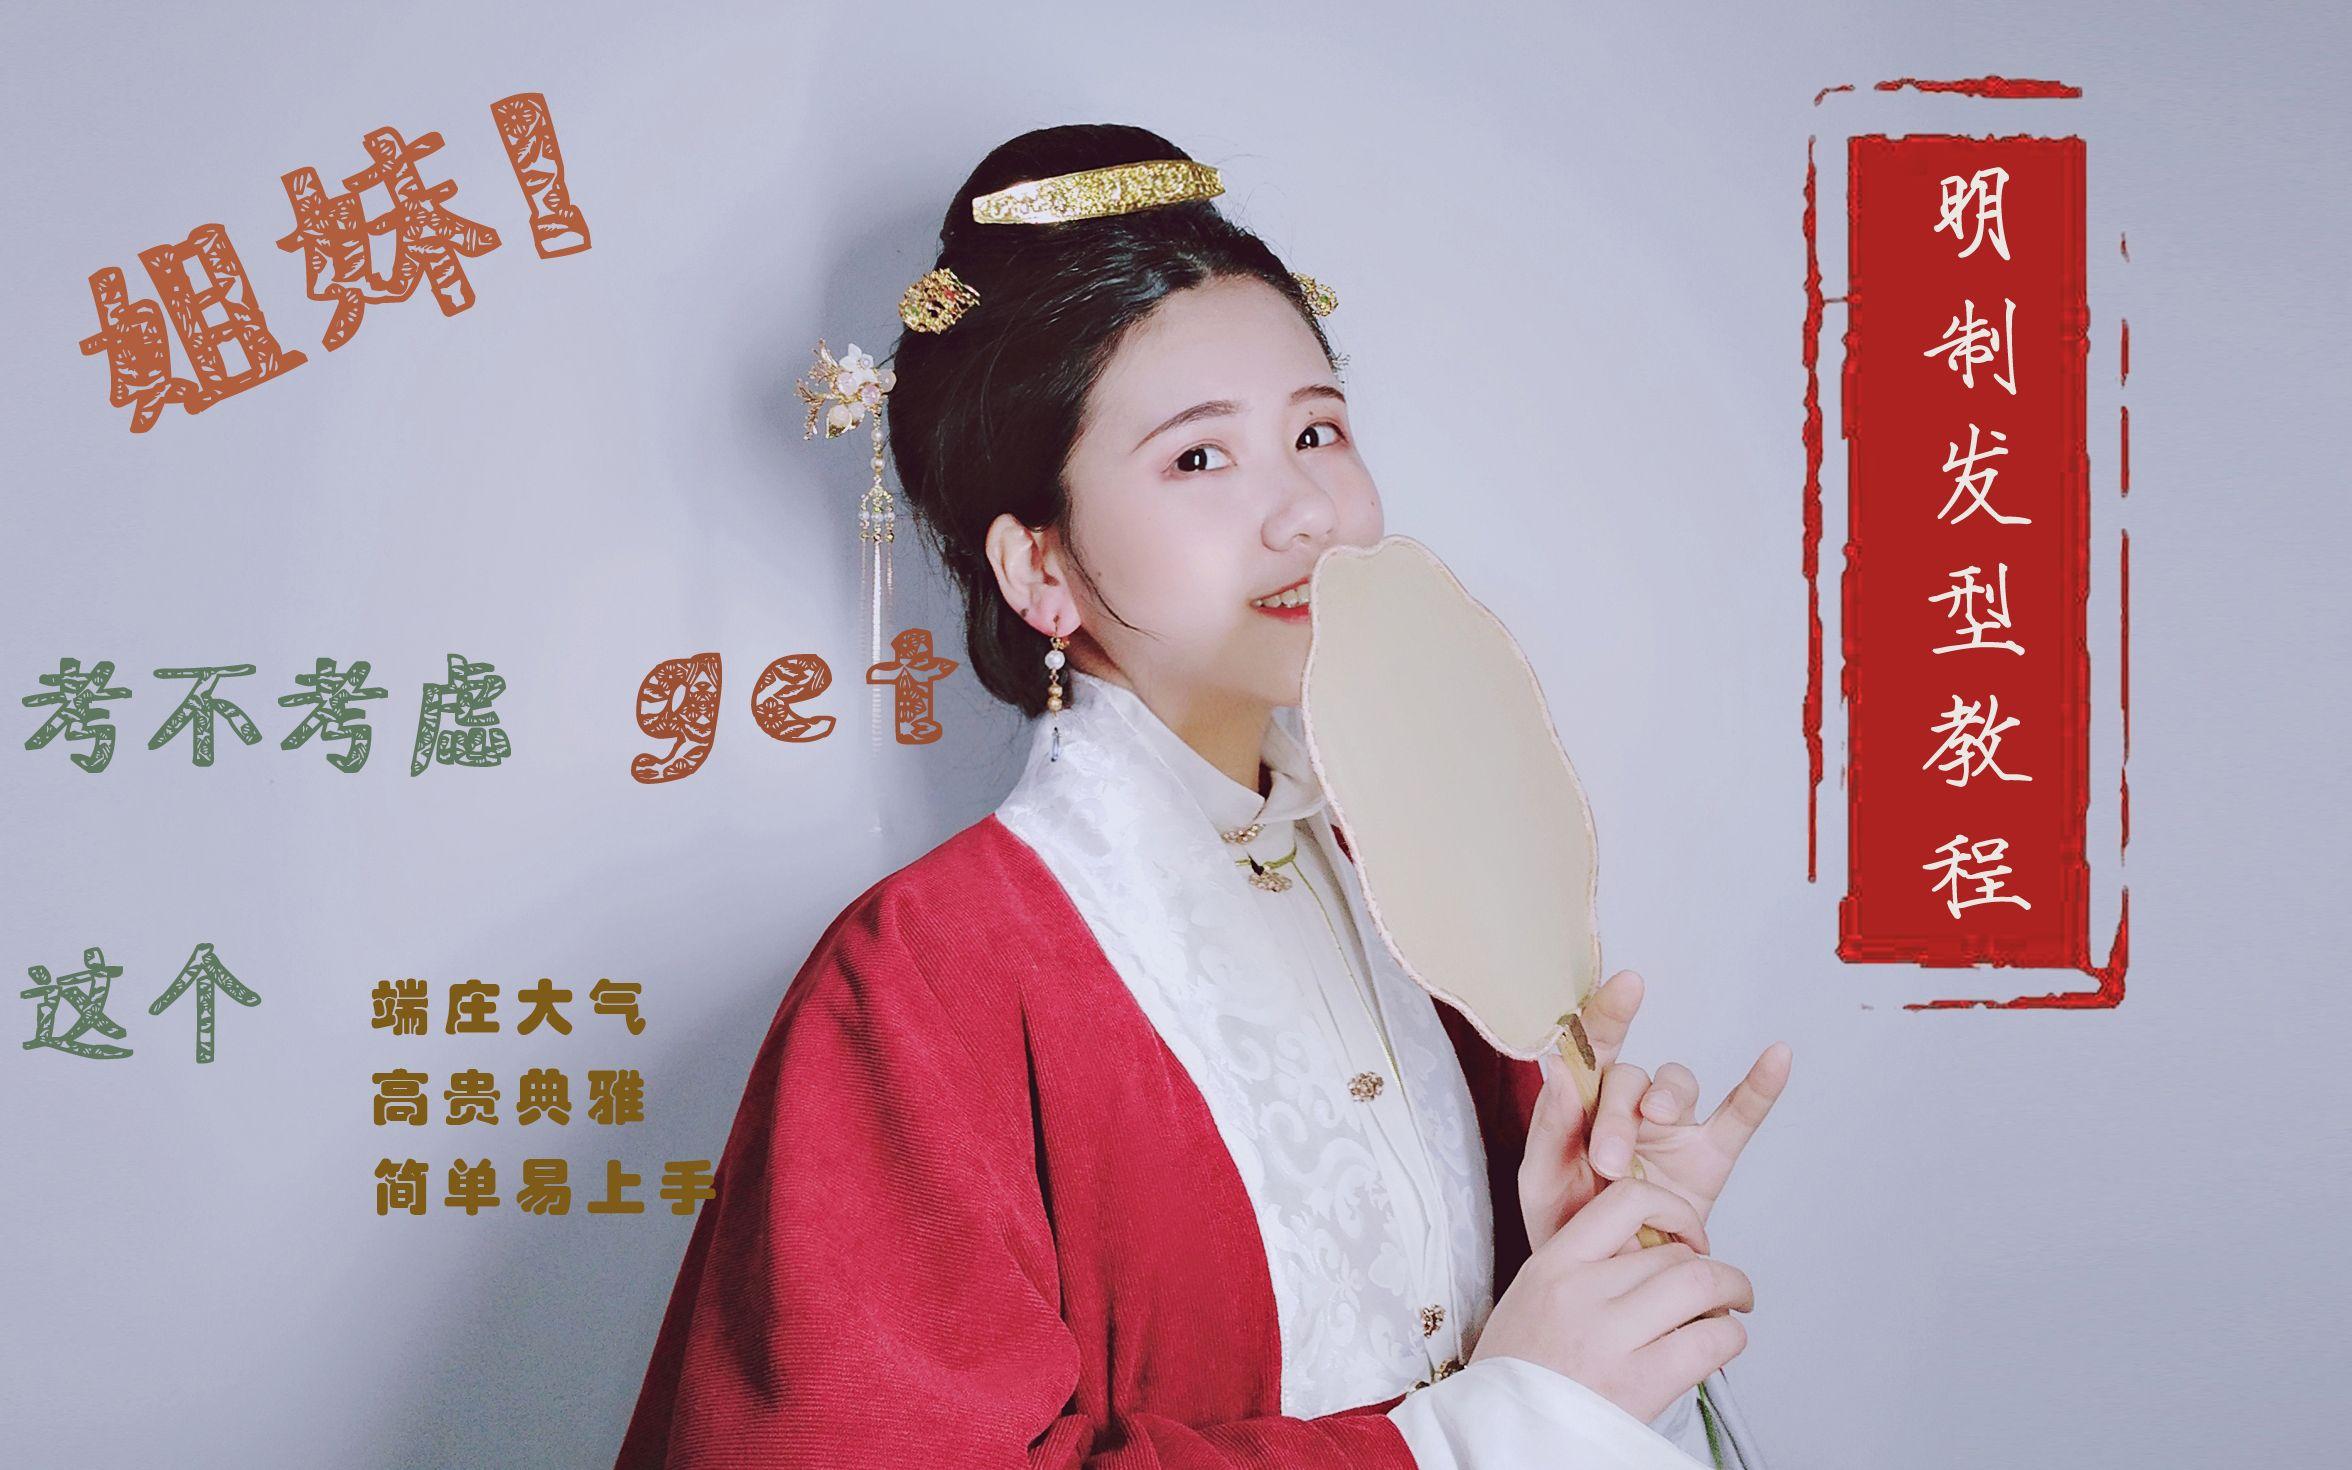 【汉服发型教程】【楚韵晴川】姐妹快来吃我这个明制汉服发型教程!